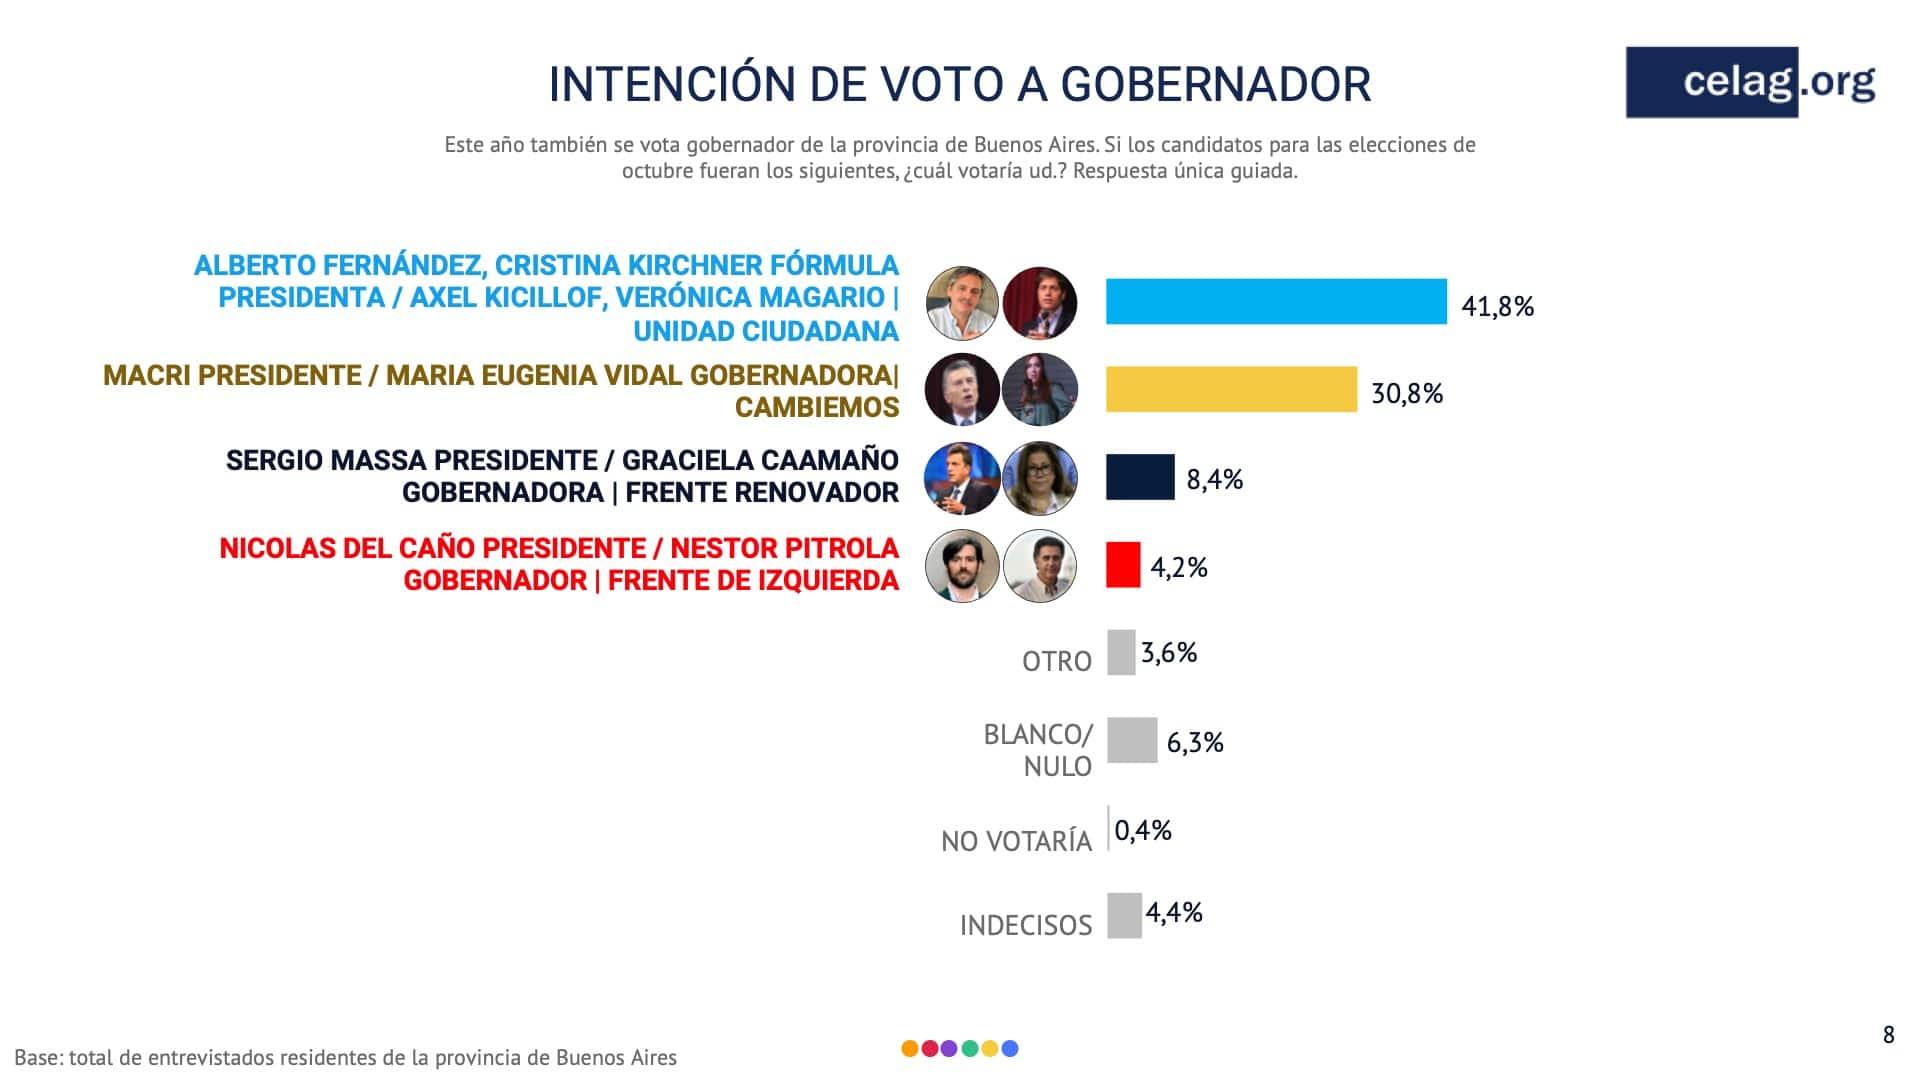 intencion voto a gobernaciones argentina